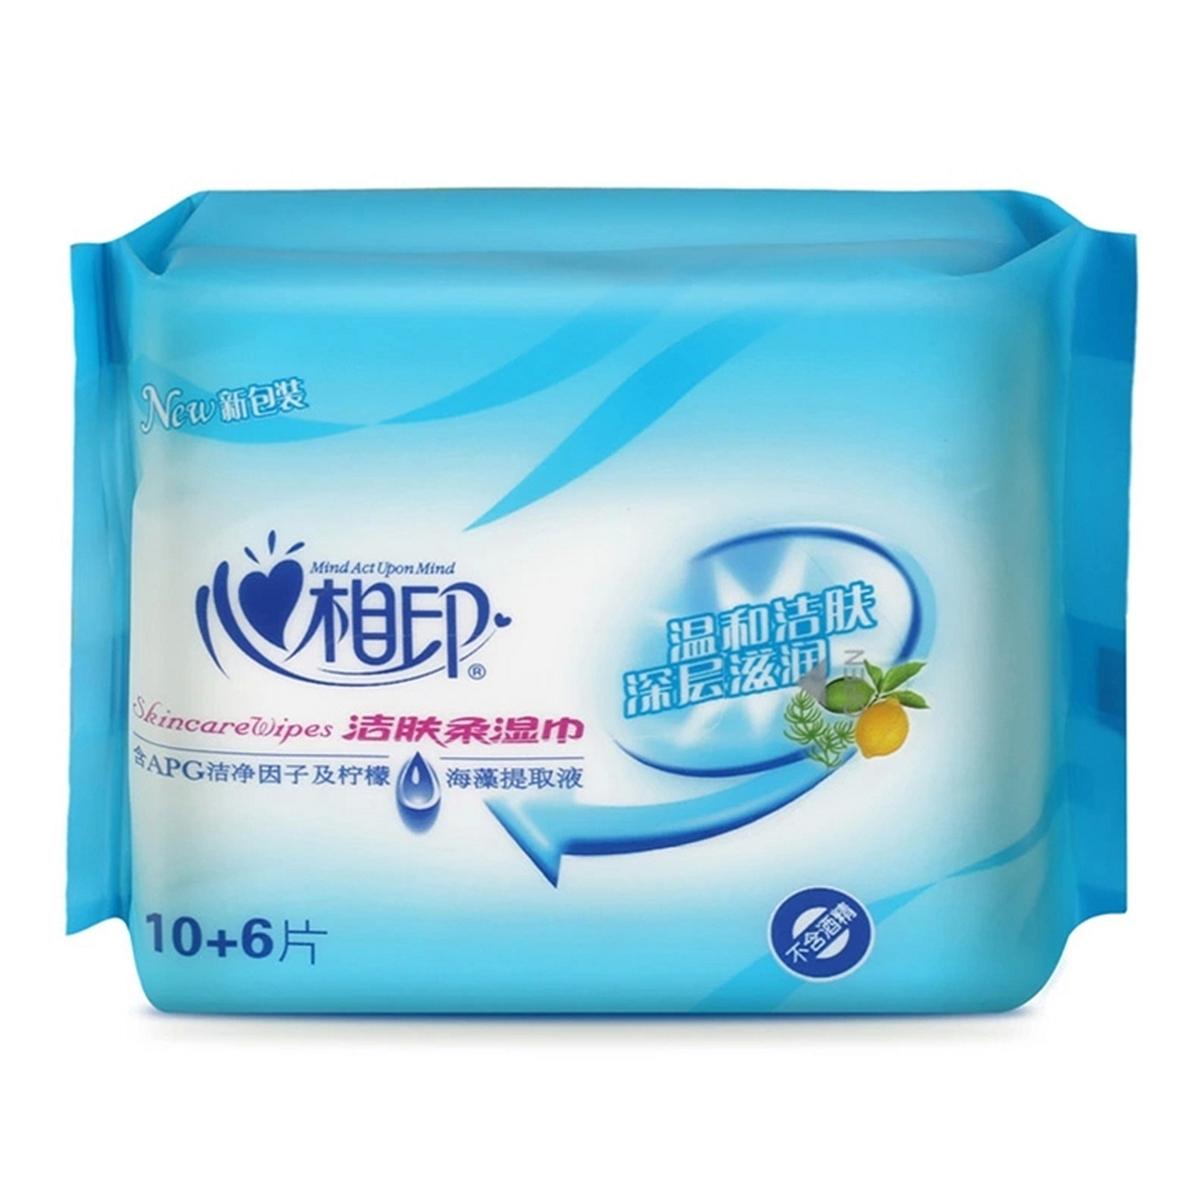 心相印 XCB010 湿巾 10+6片/包(单位:包)